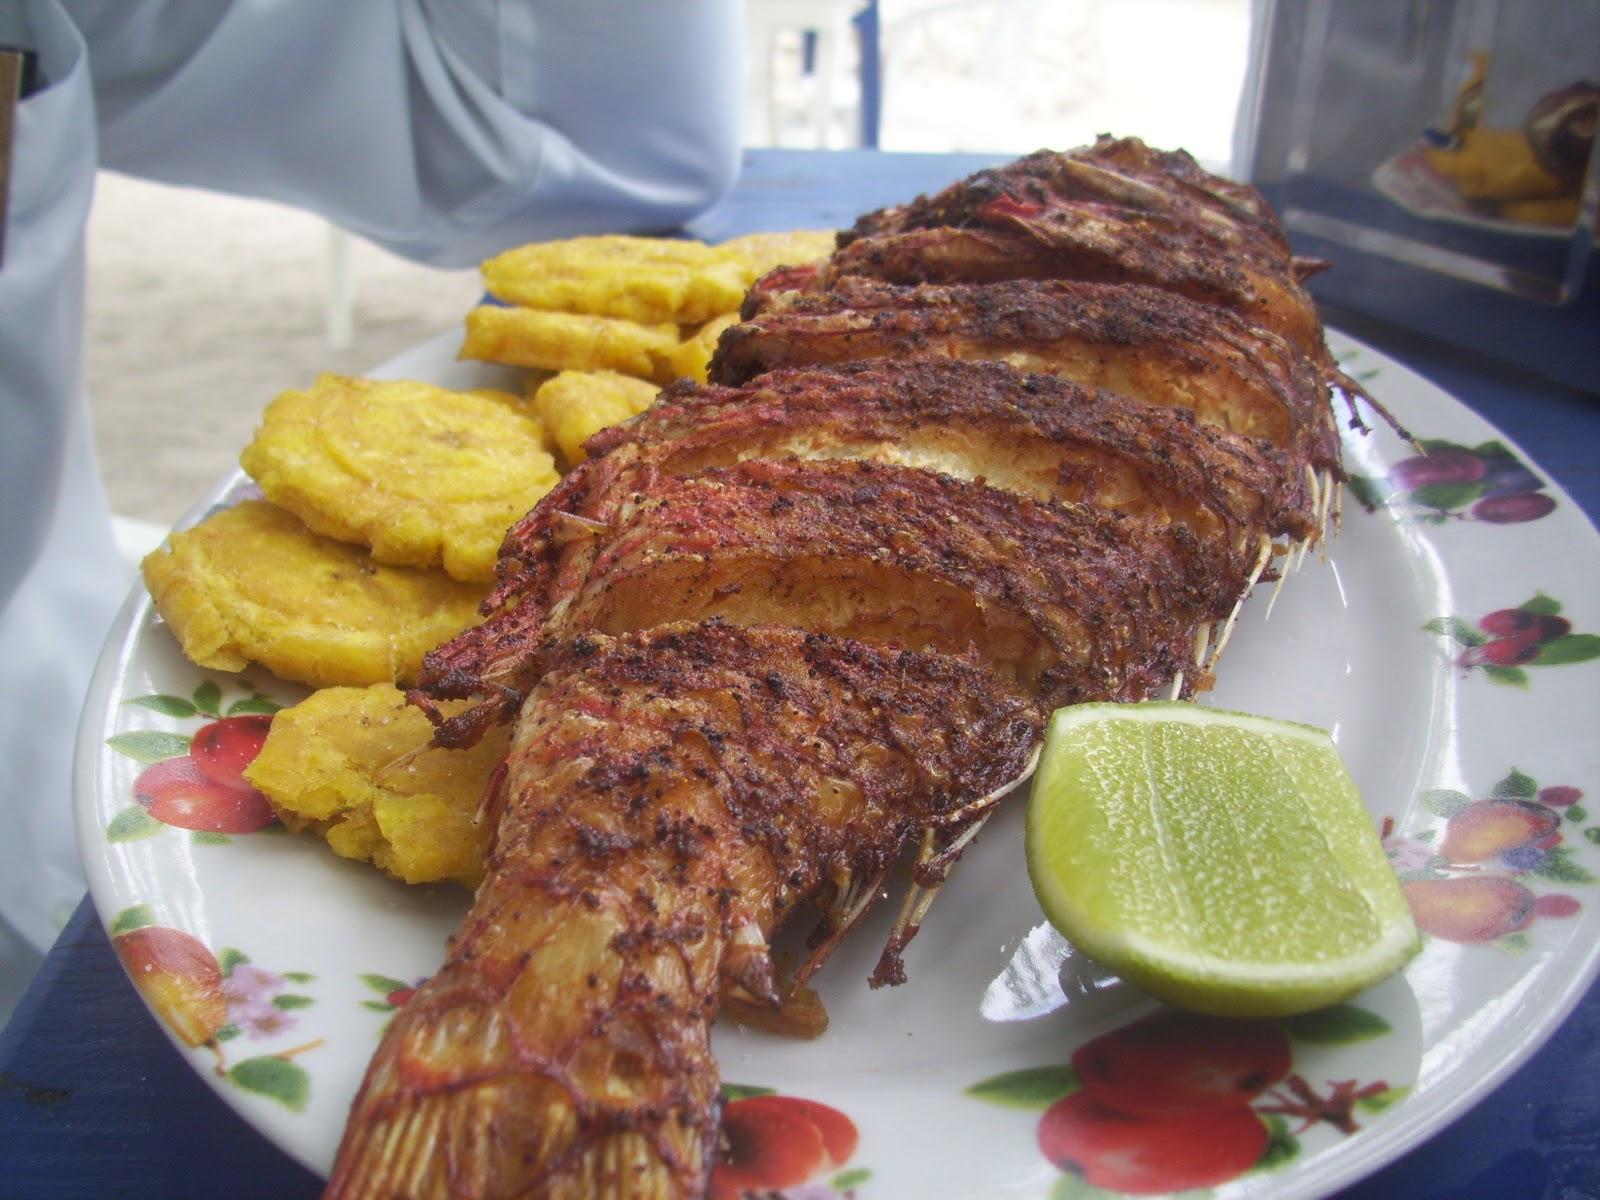 Cocina Casera Rep U00fablica Dominicana  Pescado Frito  Por